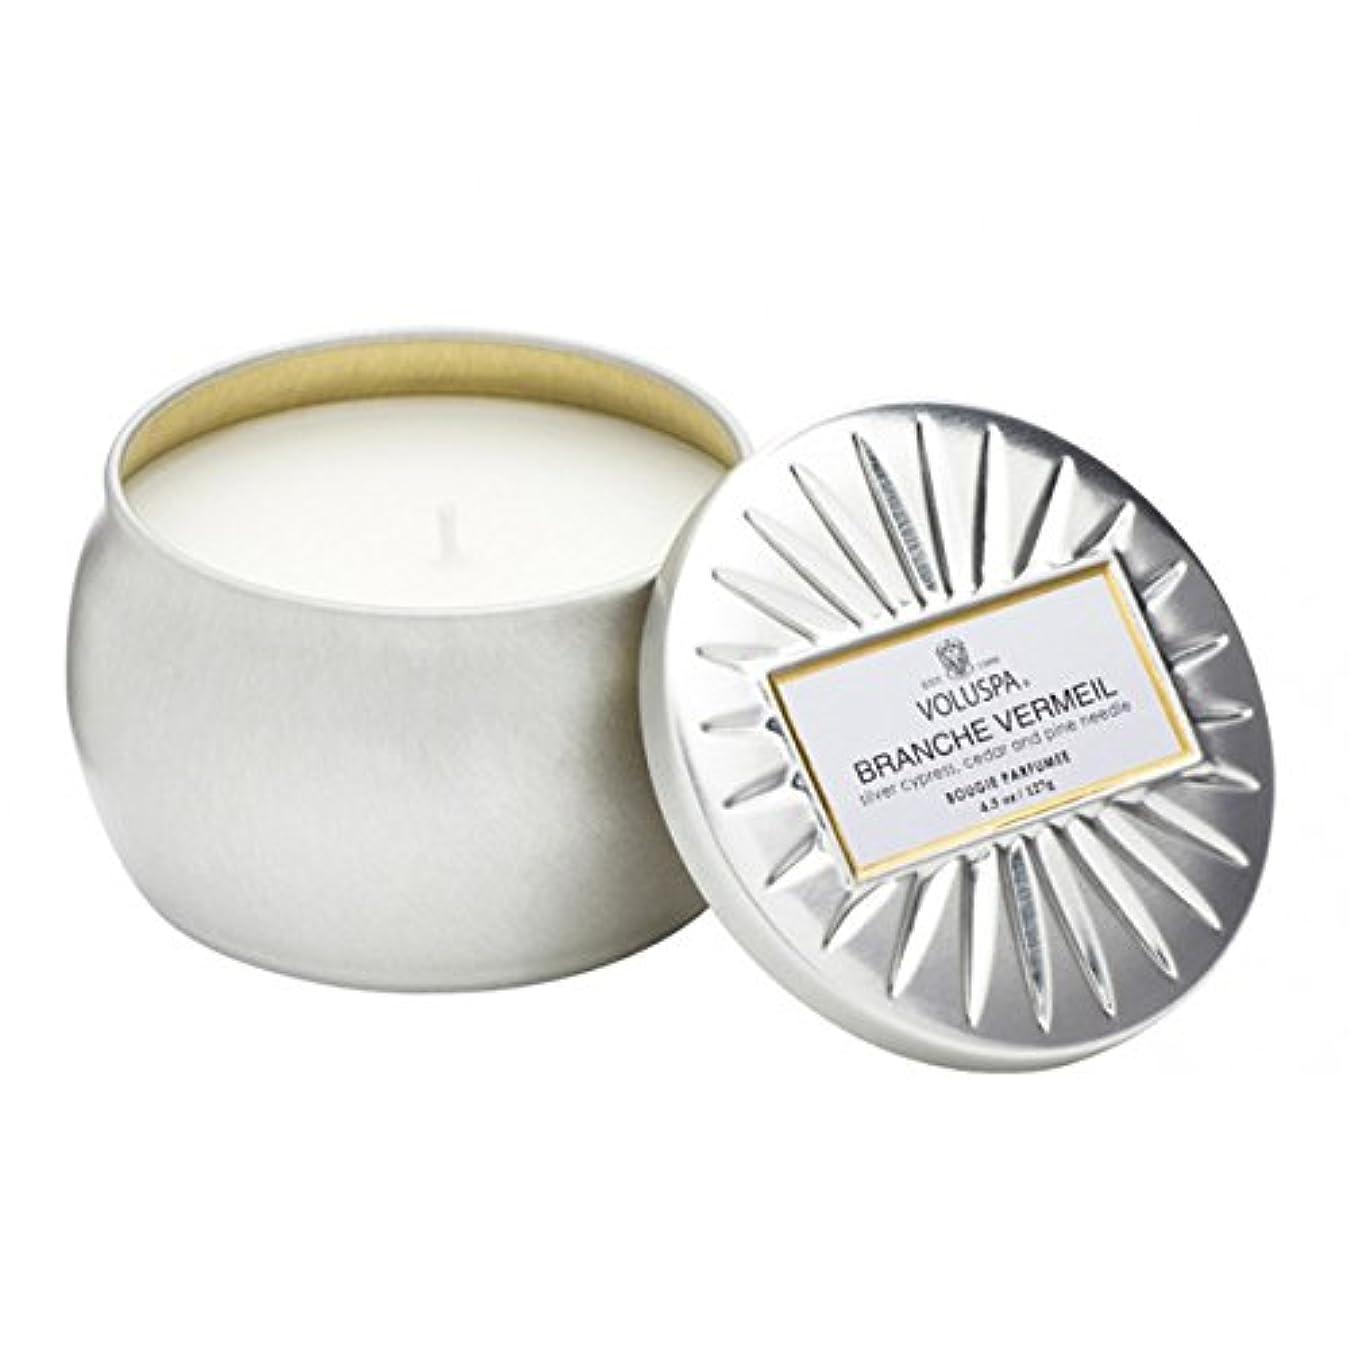 影響を受けやすいです換気するバーターVoluspa ボルスパ ヴァーメイル ティンキャンドル  S フ?ランチヴァーメイル BRANCHE VERMEIL VERMEIL PETITE Tin Glass Candle